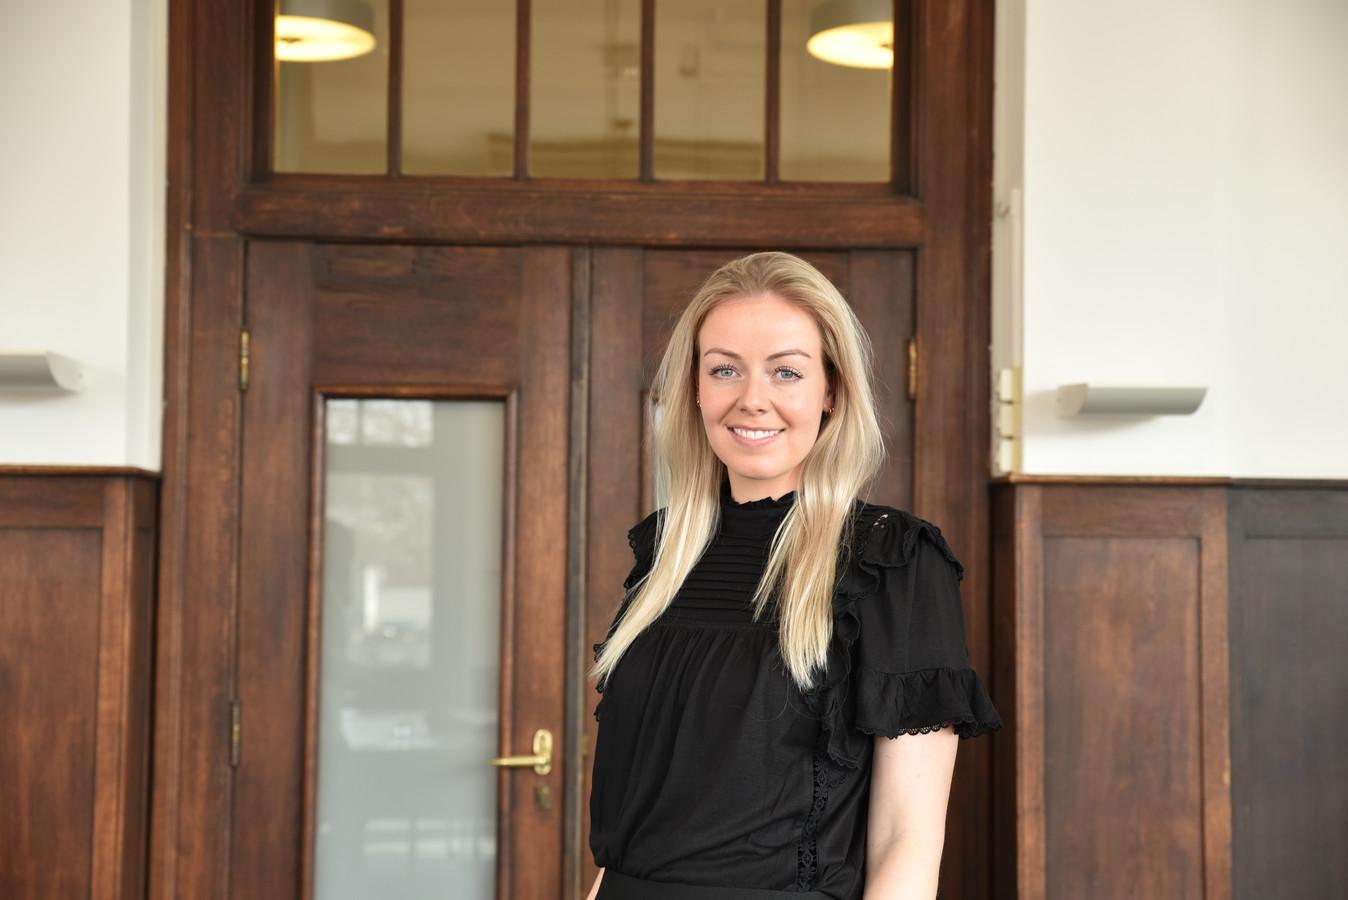 Evelyne Hof, arbeidsrechtadvocaat bij Bruggink & Van der Velden.